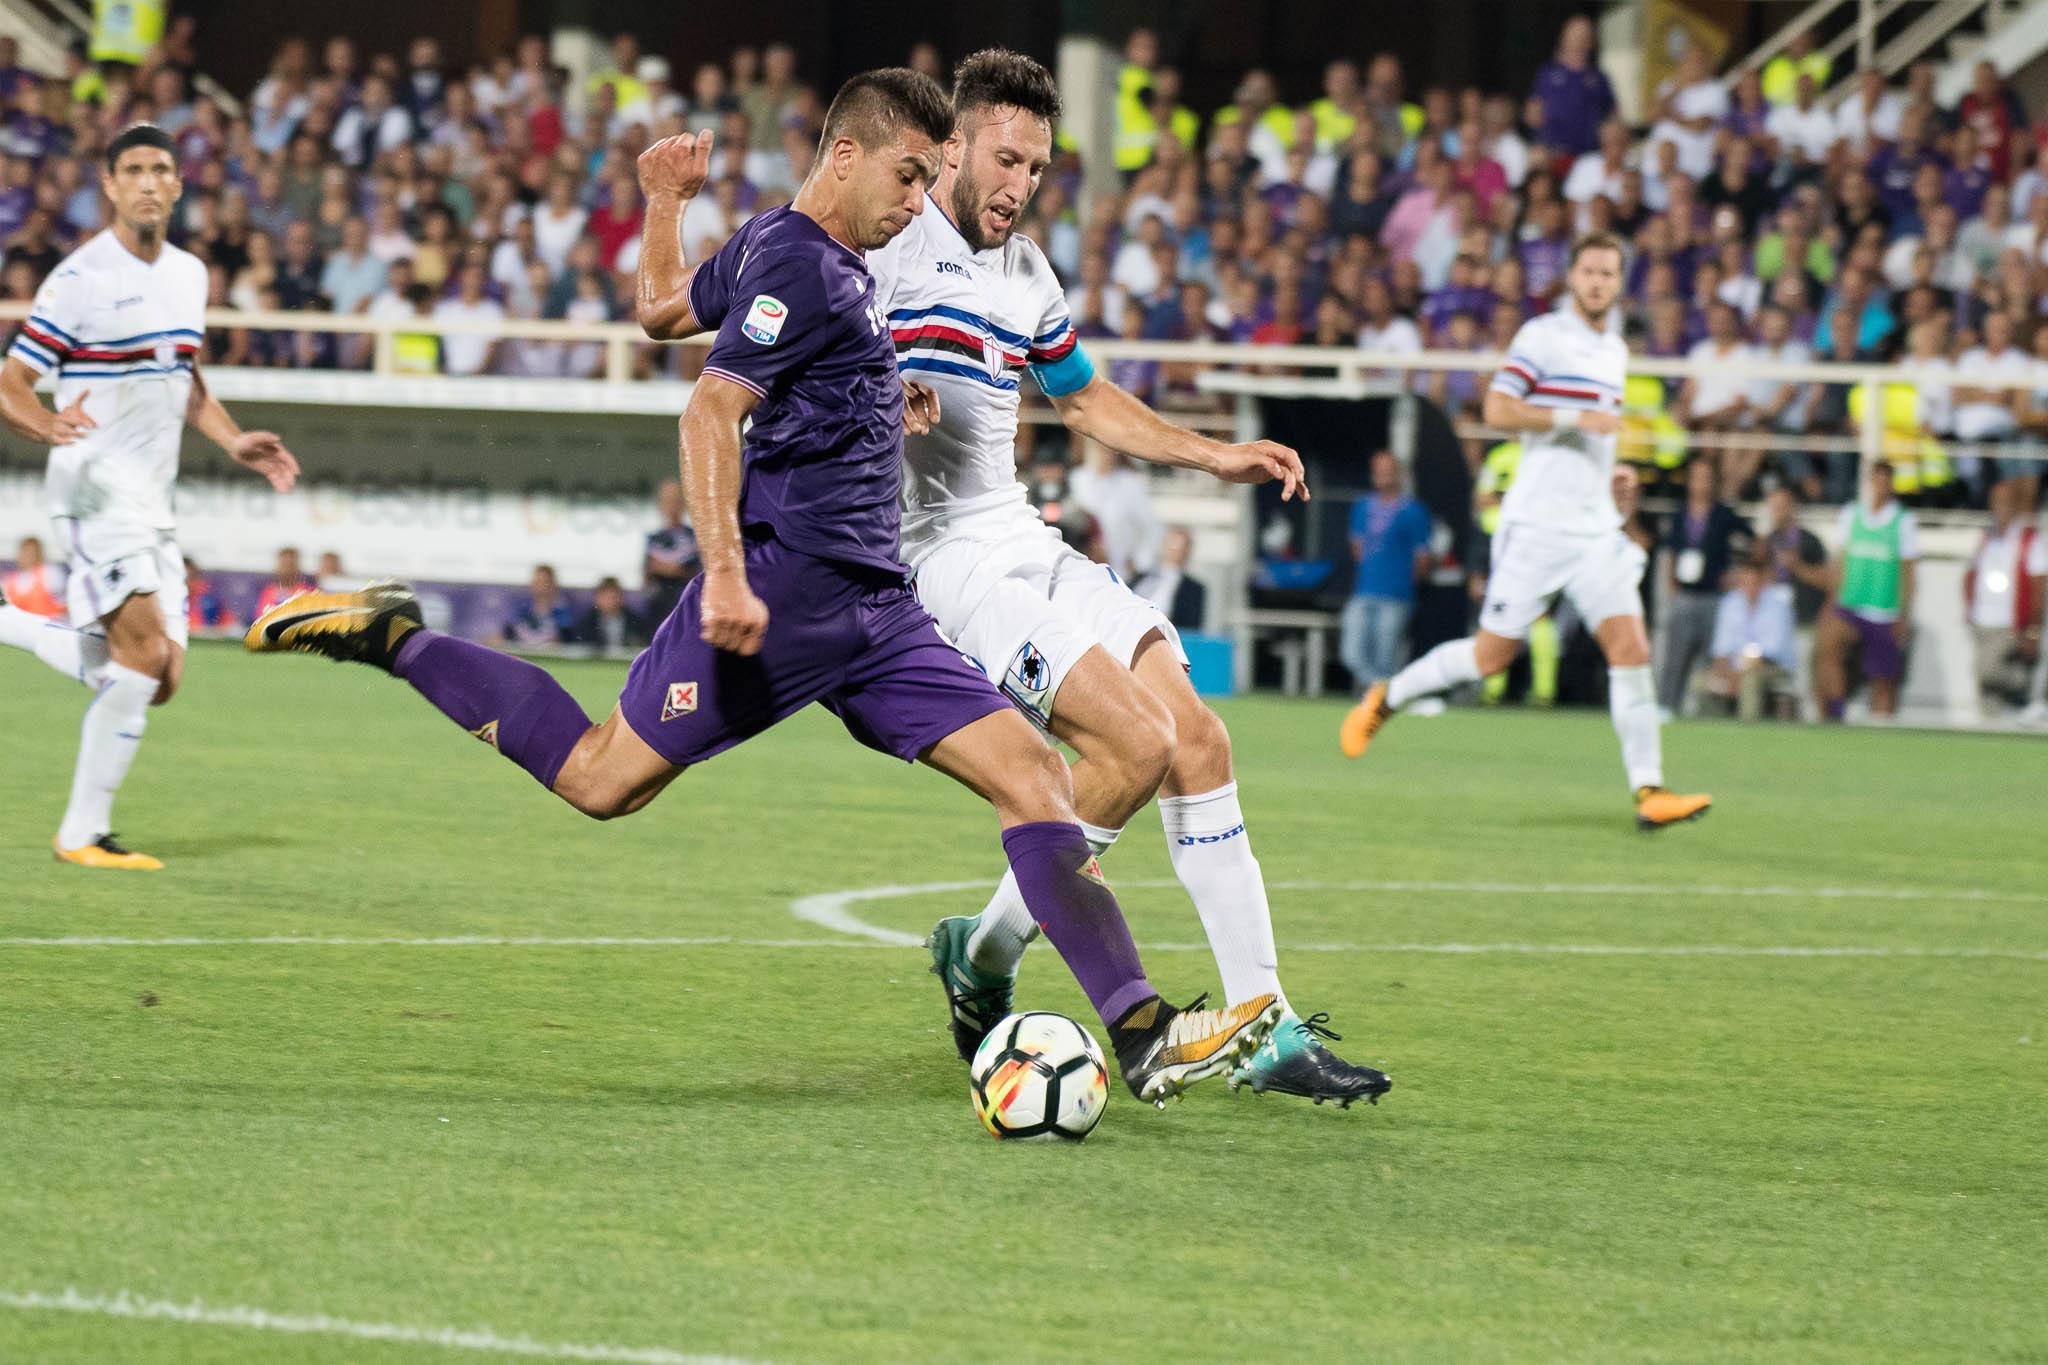 Verona-Fiorentina: Viola in vantaggio dopo 2 minuti! Primo sigillo per Simeone!